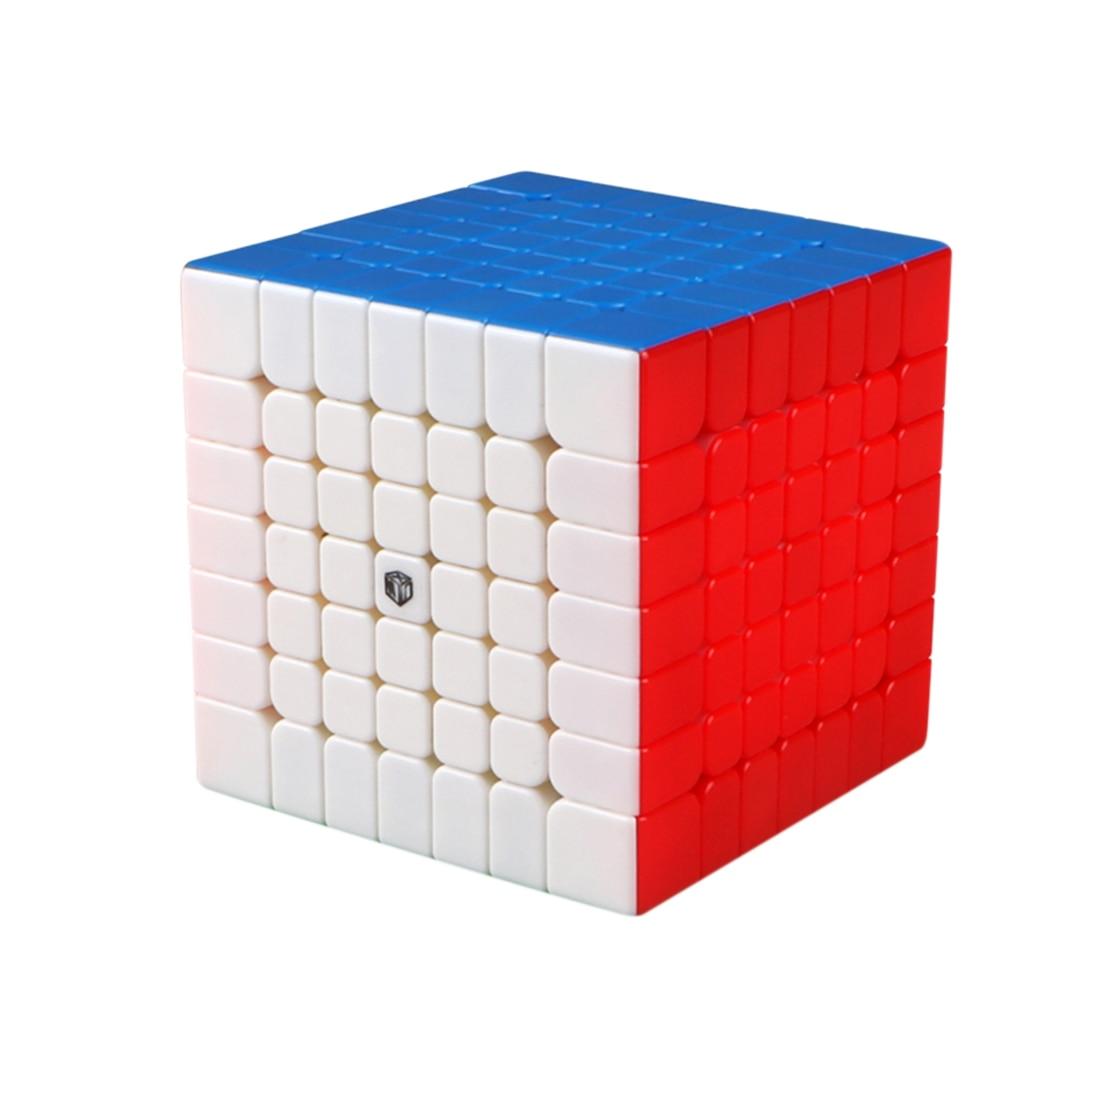 Qiyi x-man Spark 7X7x7 Magic Cube jouets éducatifs pour l'entraînement du cerveau-coloré